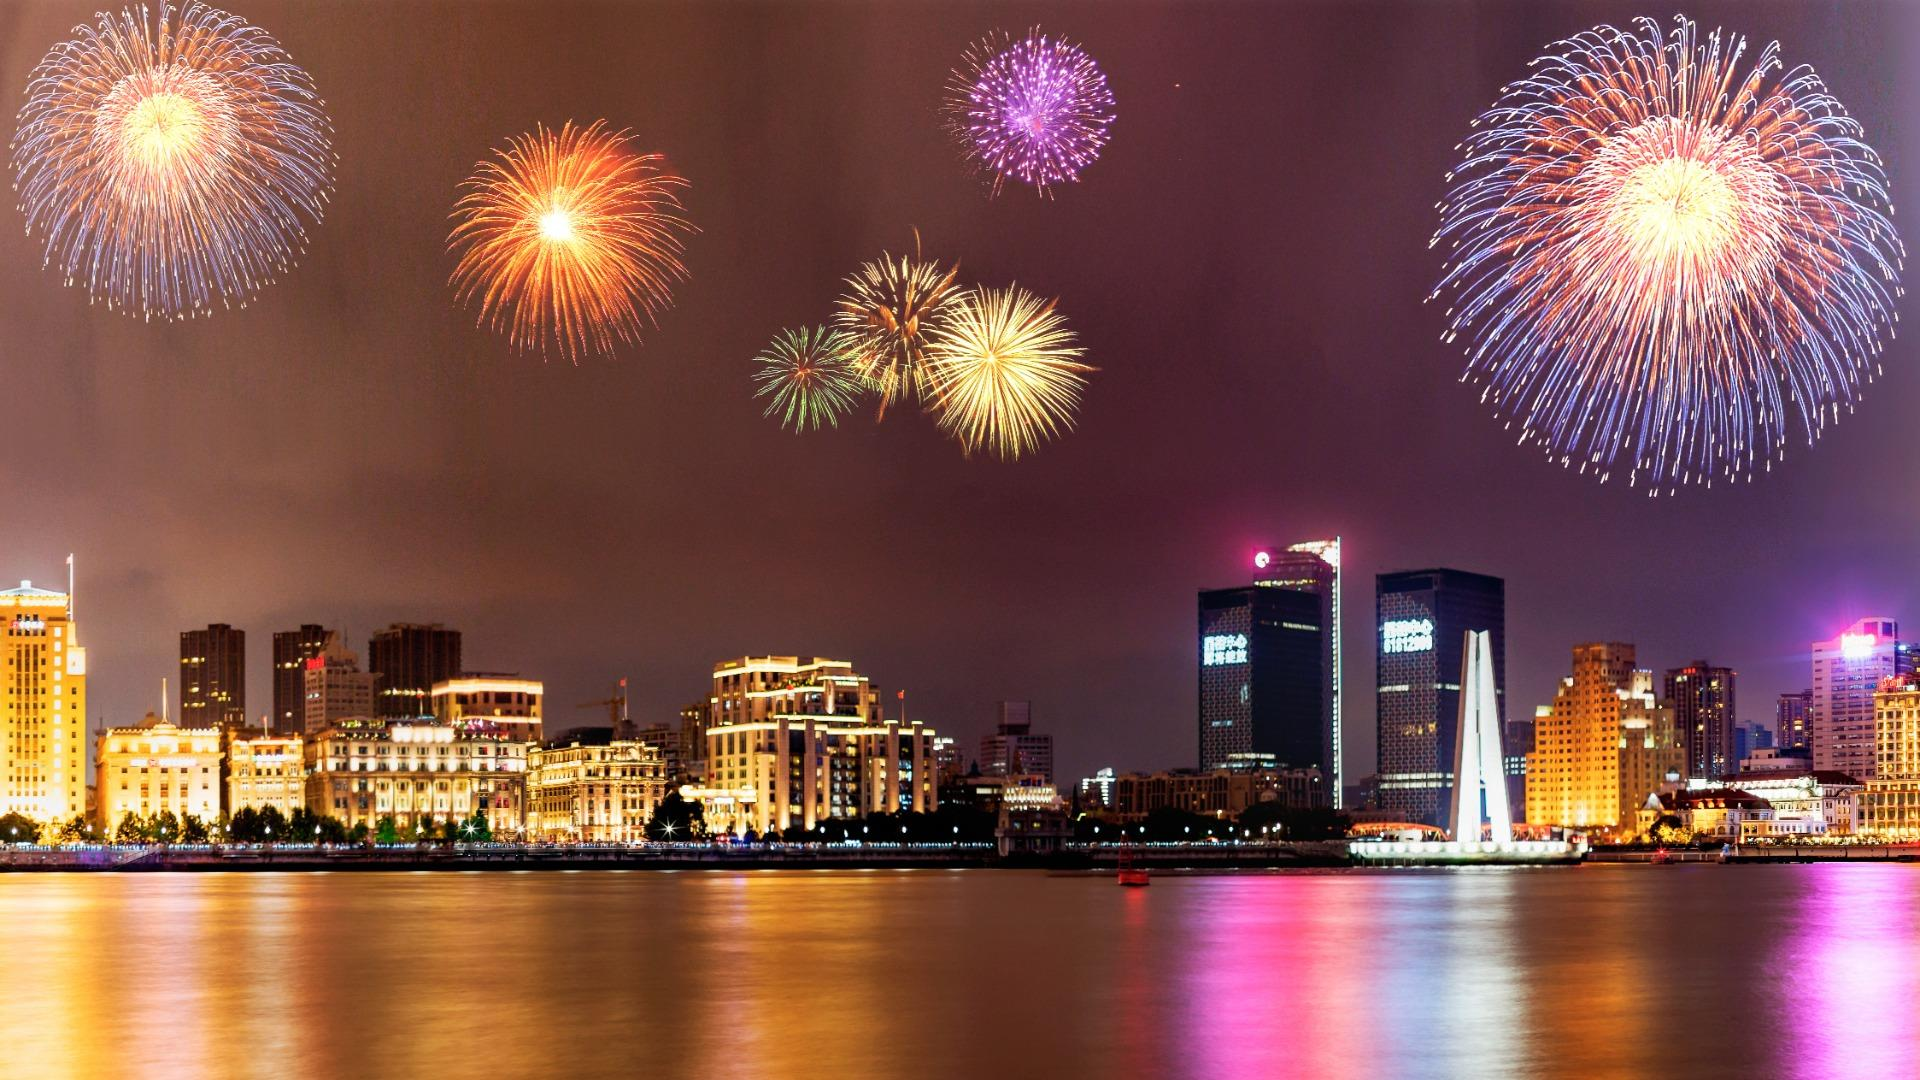 New Year Fireworks HD Wallpaper Wallpaper Studio 10 1920x1080